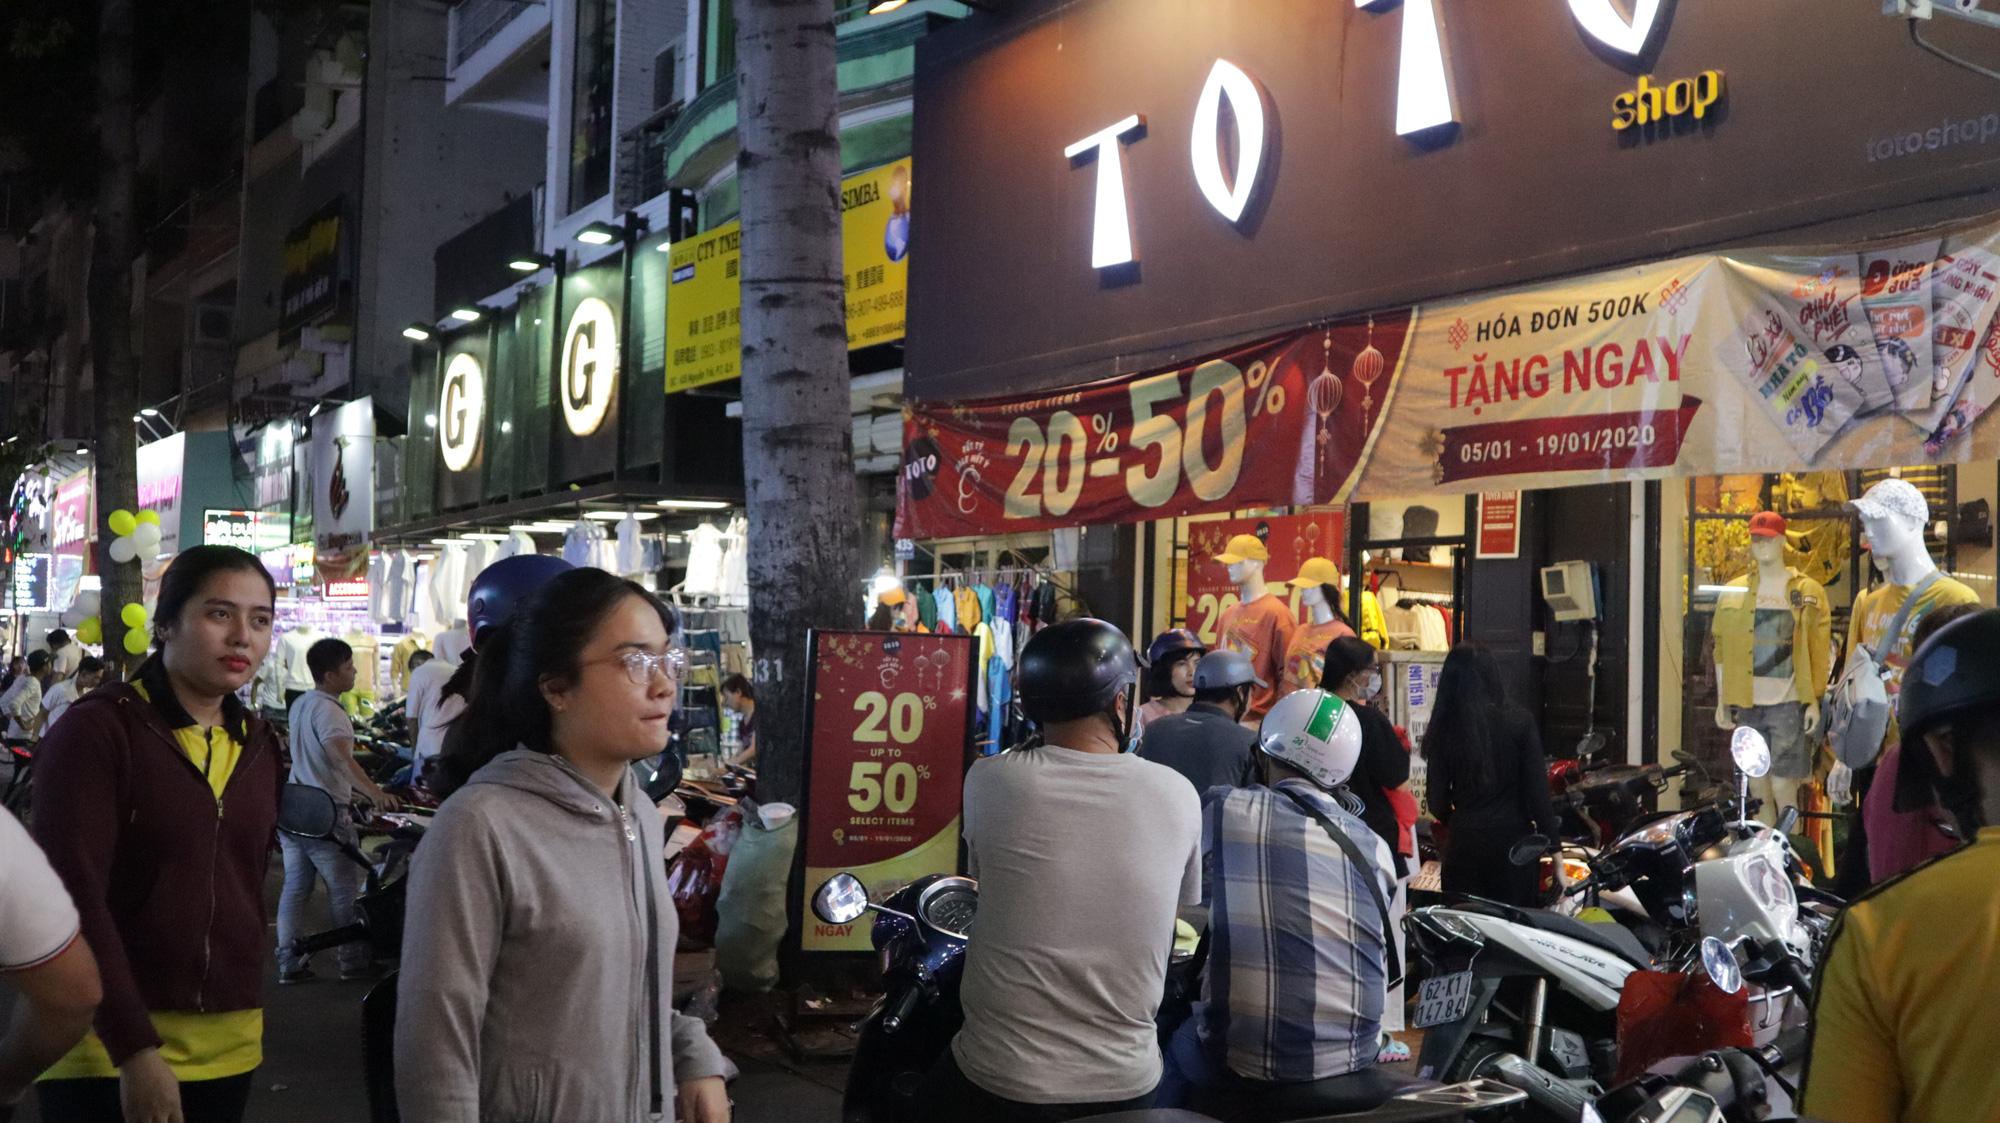 Người dân TP HCM bỏ mặc các shop, chuộng sắm đồ vỉa hè đón Tết - Ảnh 9.